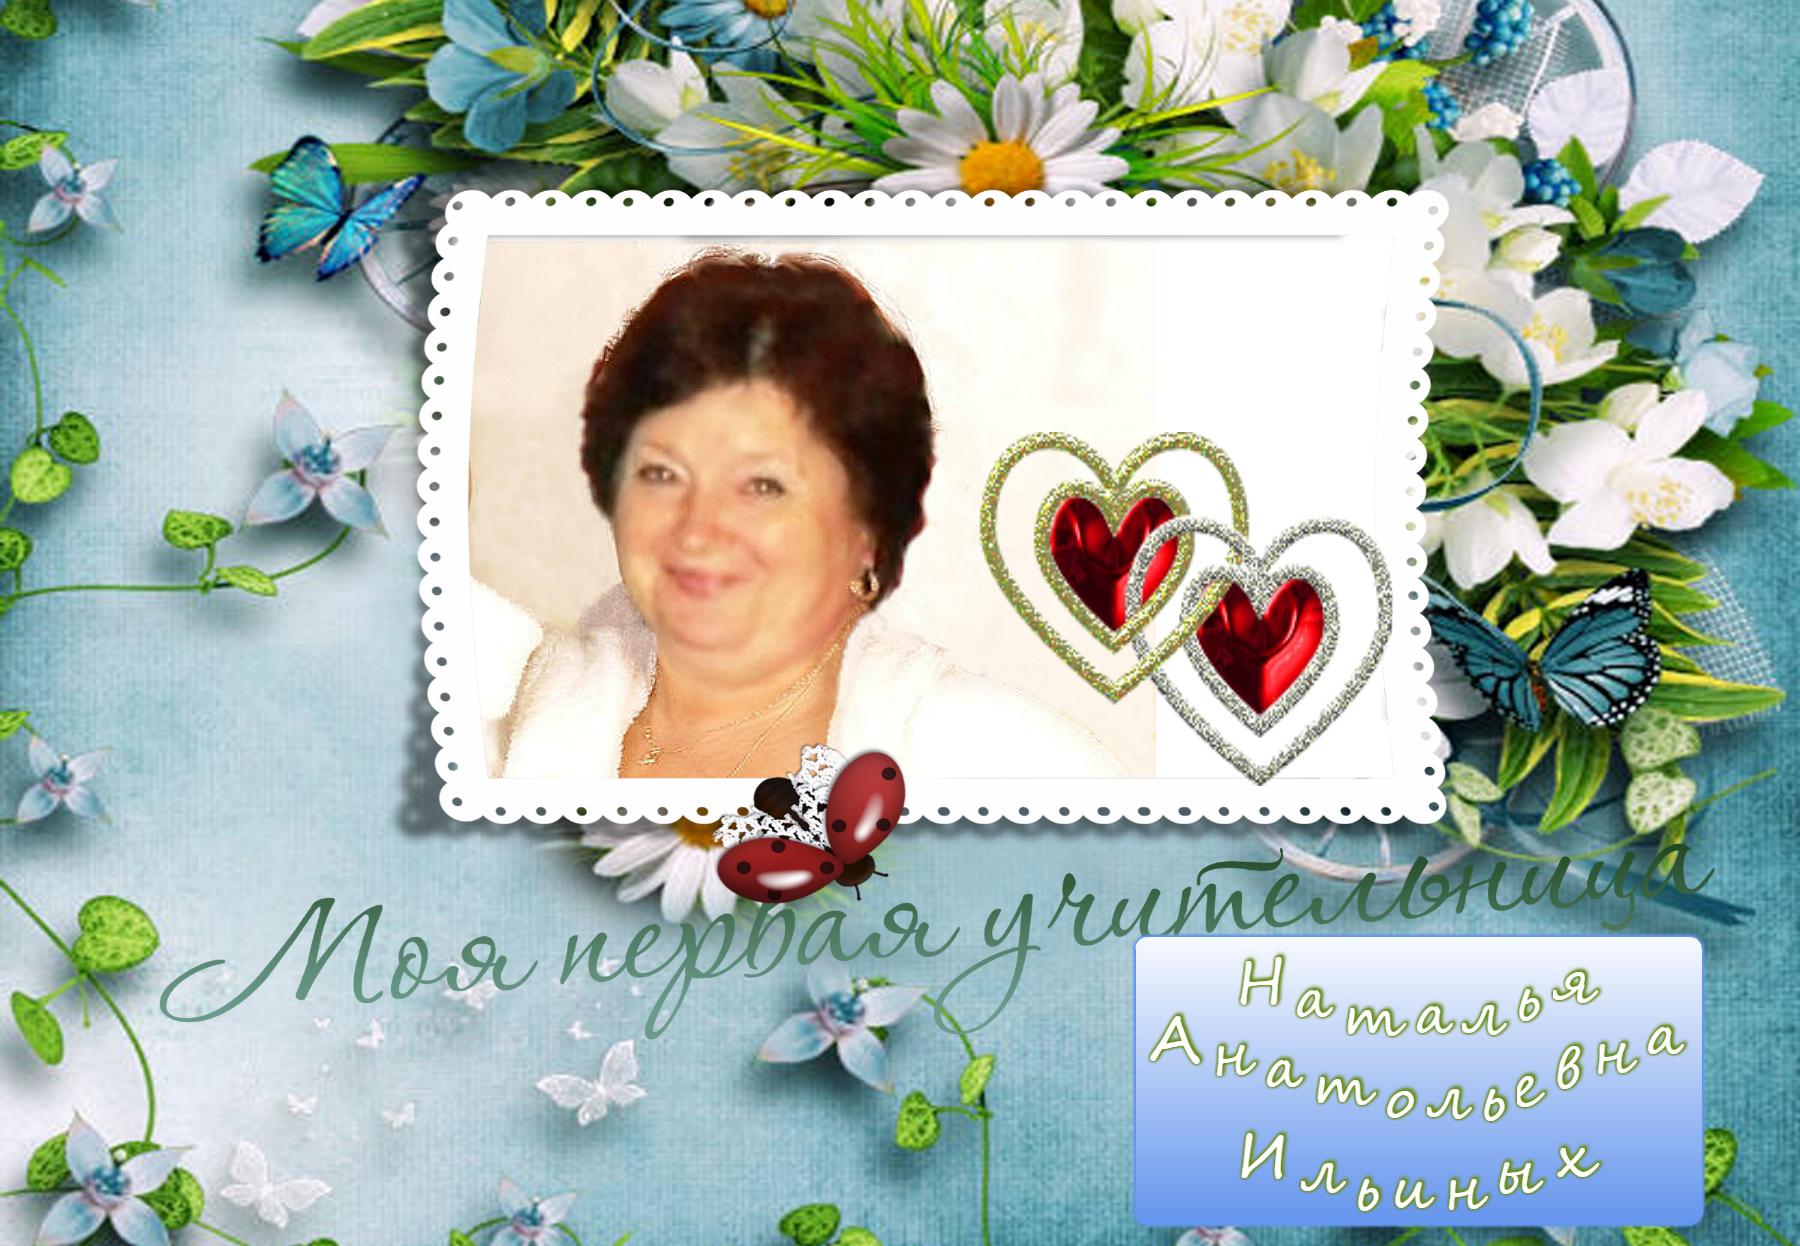 Наталья Анатольевна Ильиных любимая первая учительница, жизнерадостная, добрая, ласковая и красивая, восхитительная женщина.